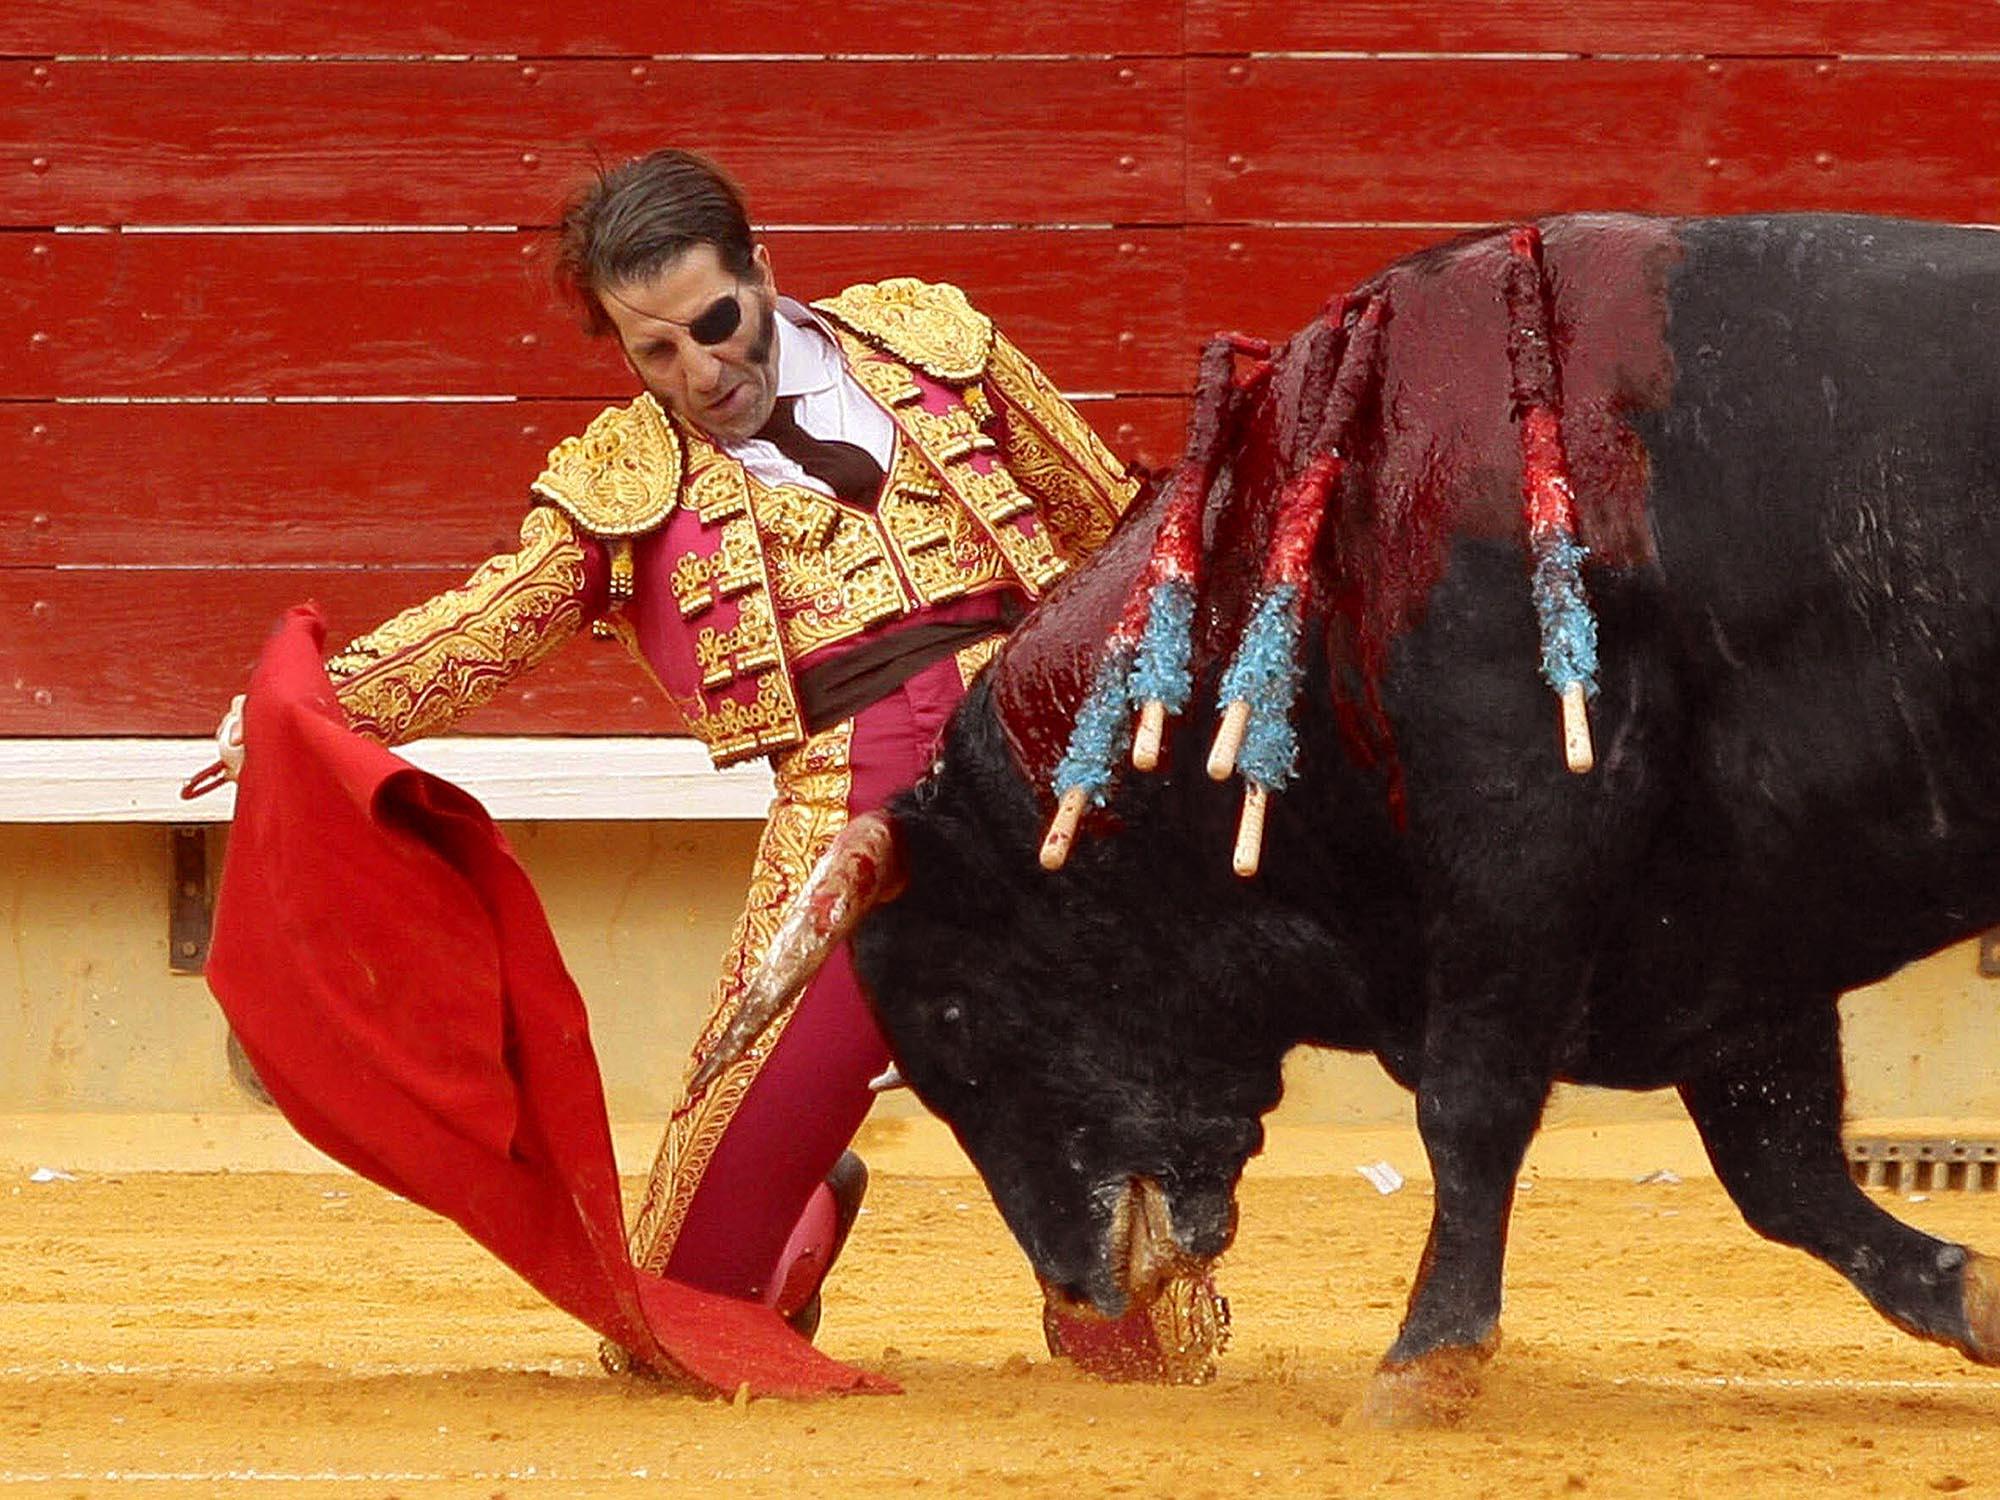 Desgraciada la bestia humana que maltrata a un animal